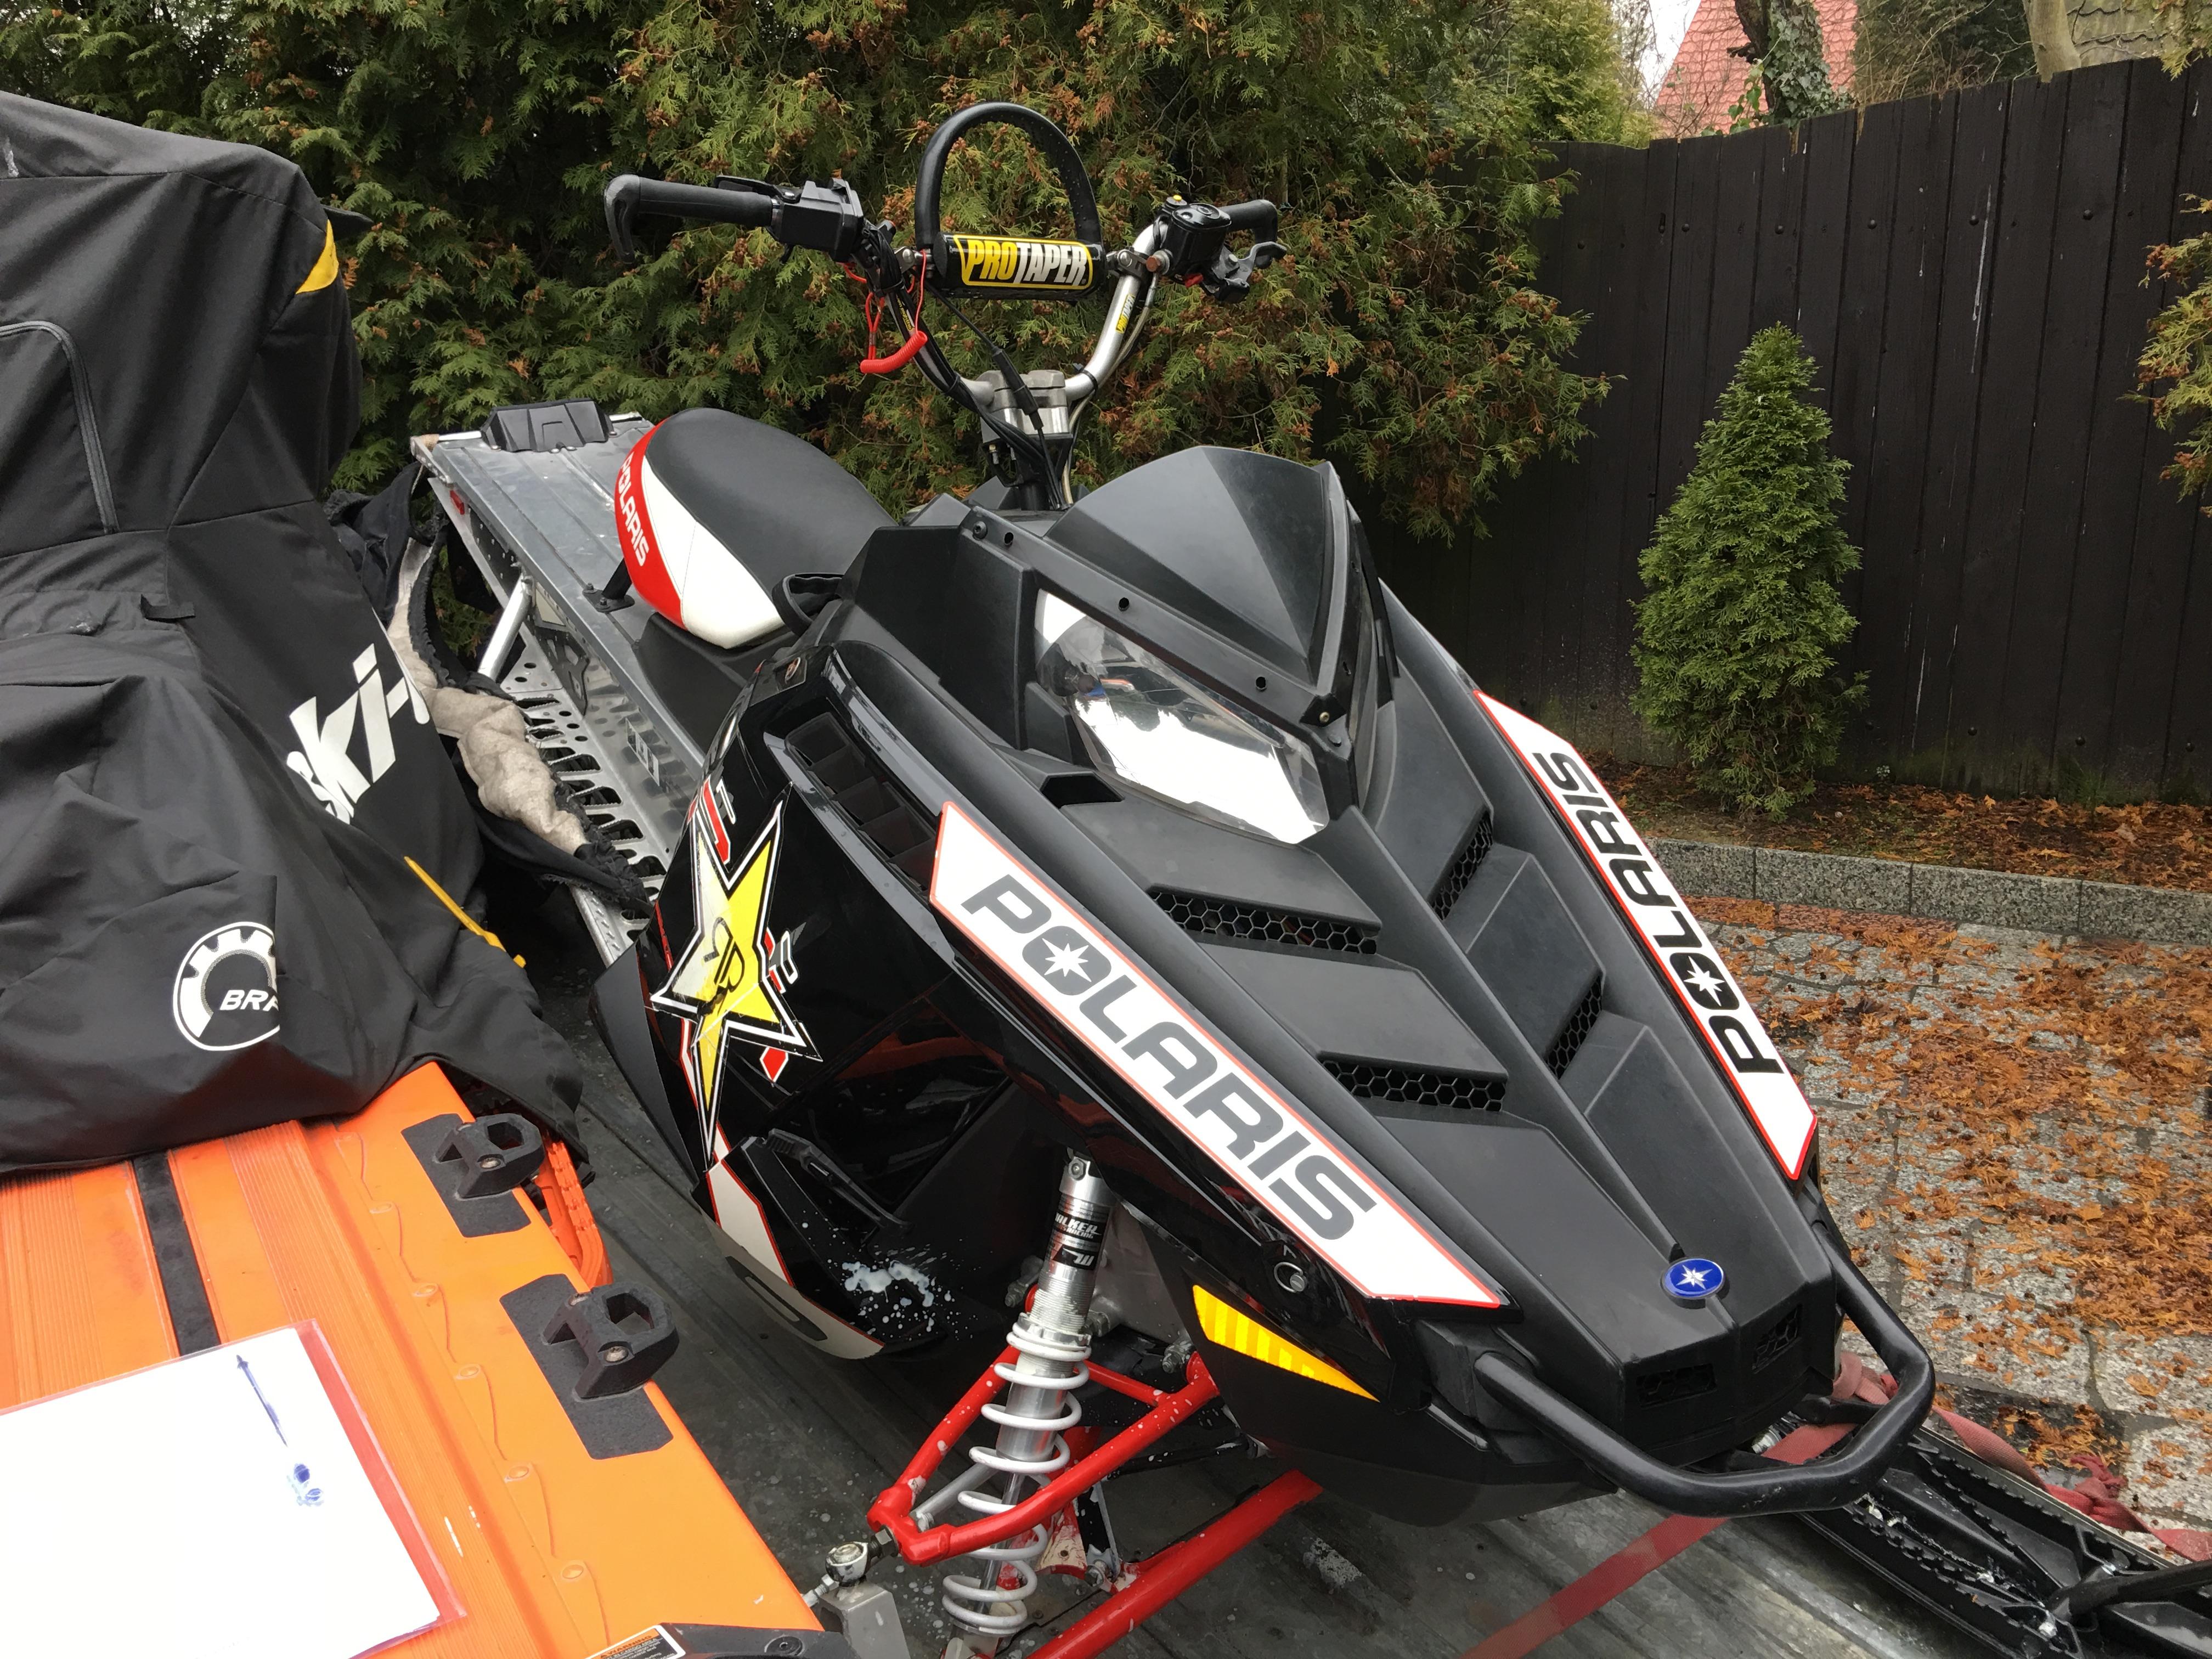 Polaris Pro RMK 800 2012